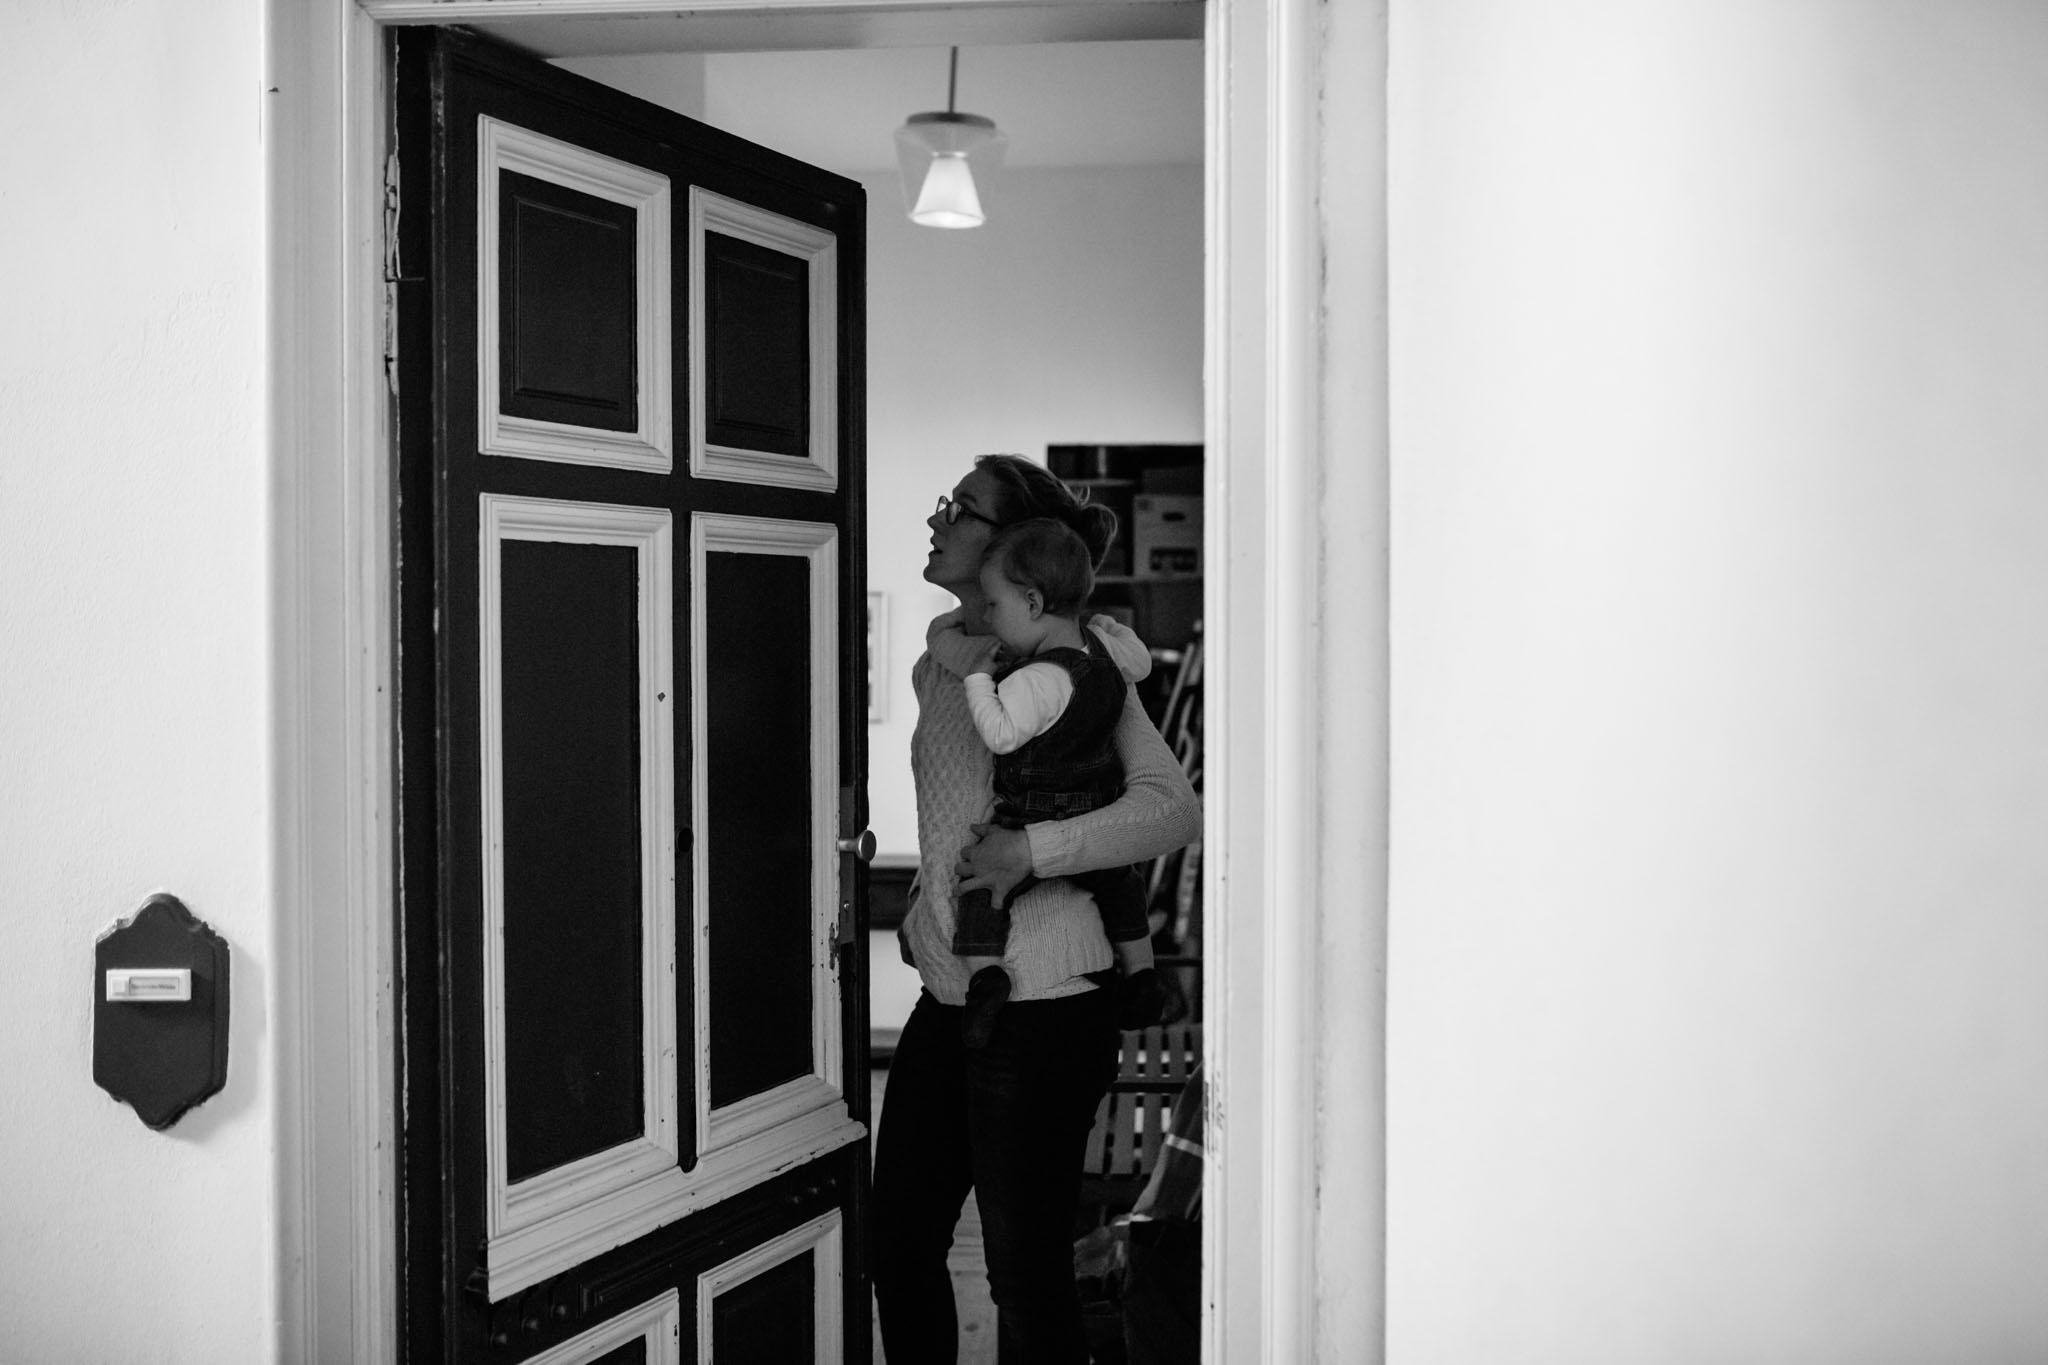 familien-fotografie-berlin-kreuzberg-day-in-life-schwarzweiss